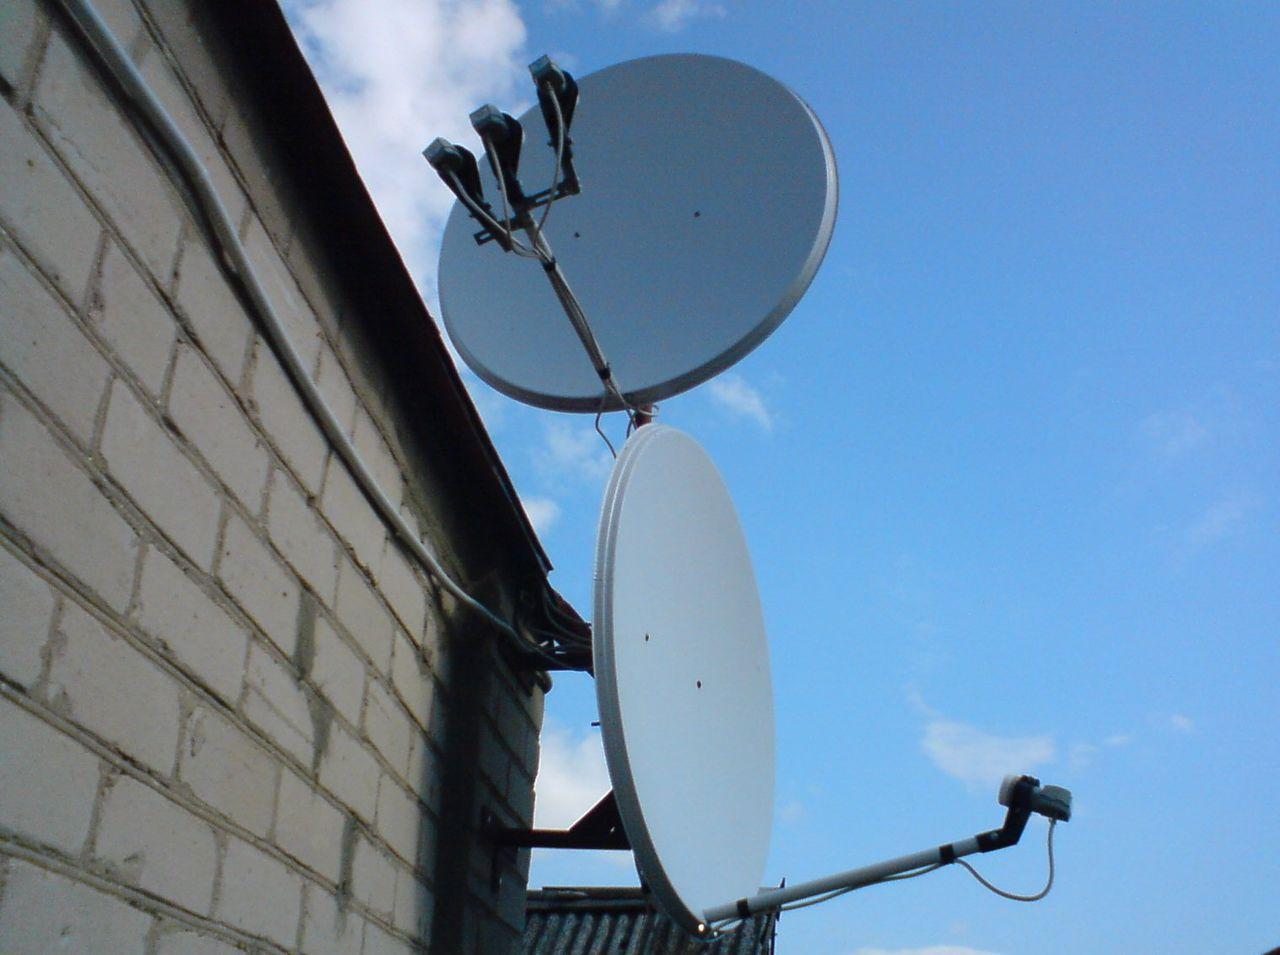 край, Северский делаем интернет из супутниковой антены продажу Тюменская область